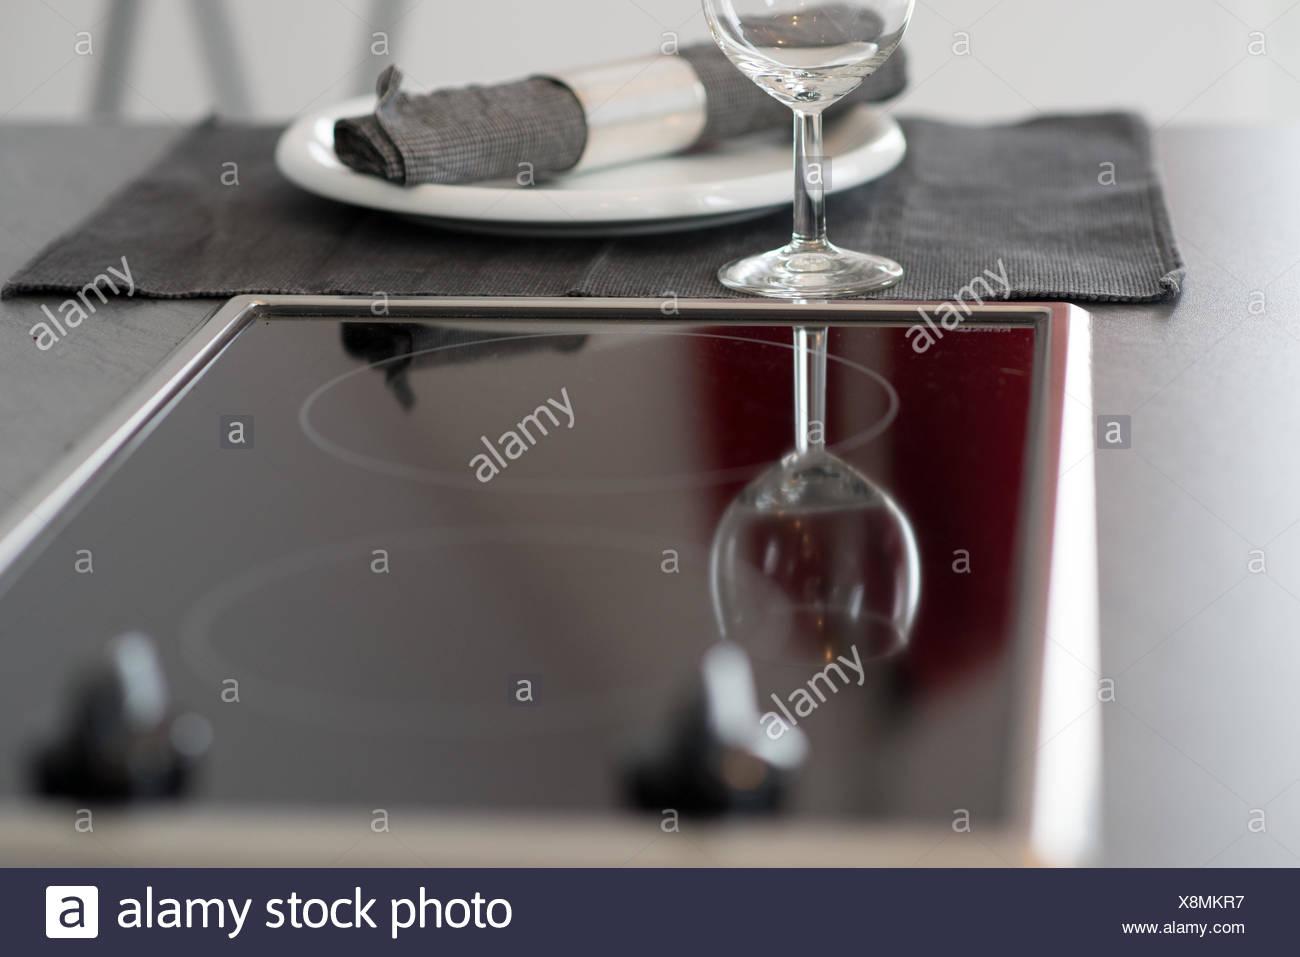 Ausgezeichnet Wein Dekorationen Für Die Küche Ideen - Küchenschrank ...